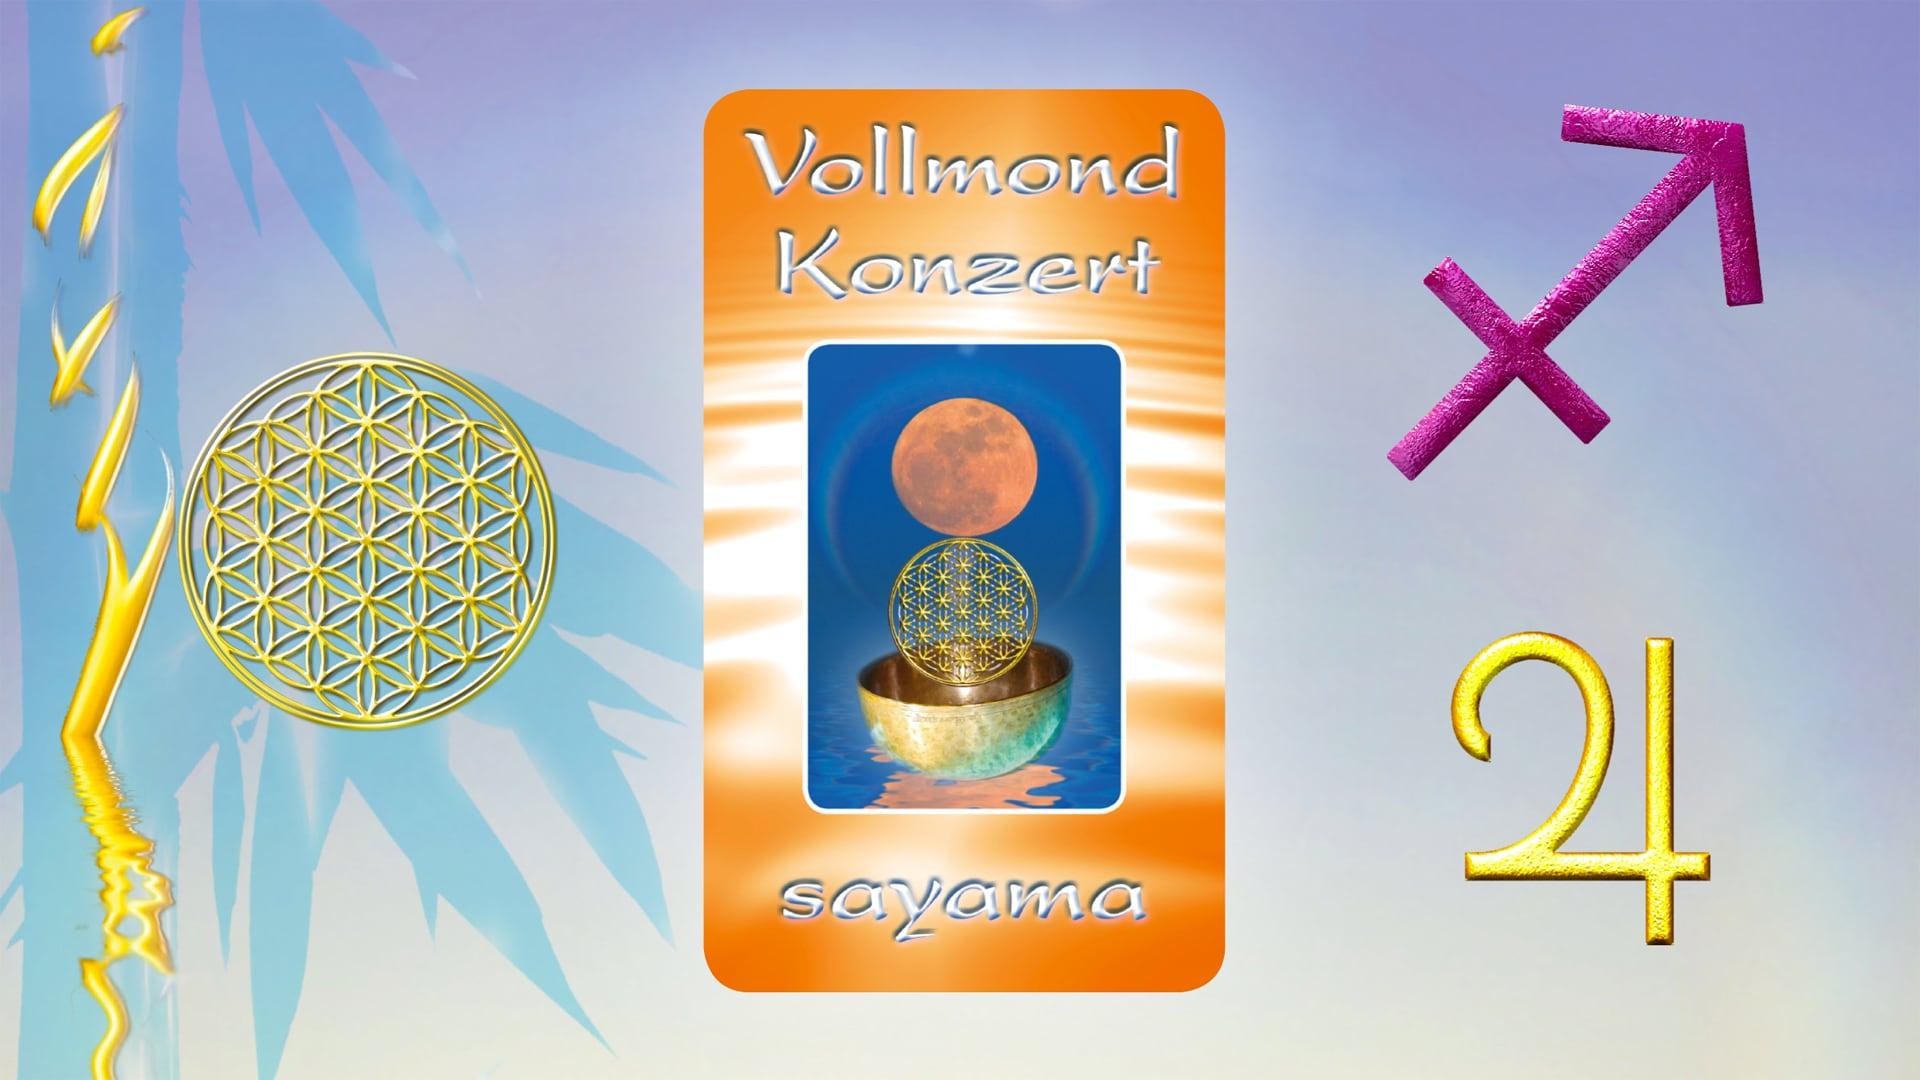 VollMond~Konzert zum Wesak Fest im Mai 2021 - Sternzeichen Schütze ~ Planet Jupiter